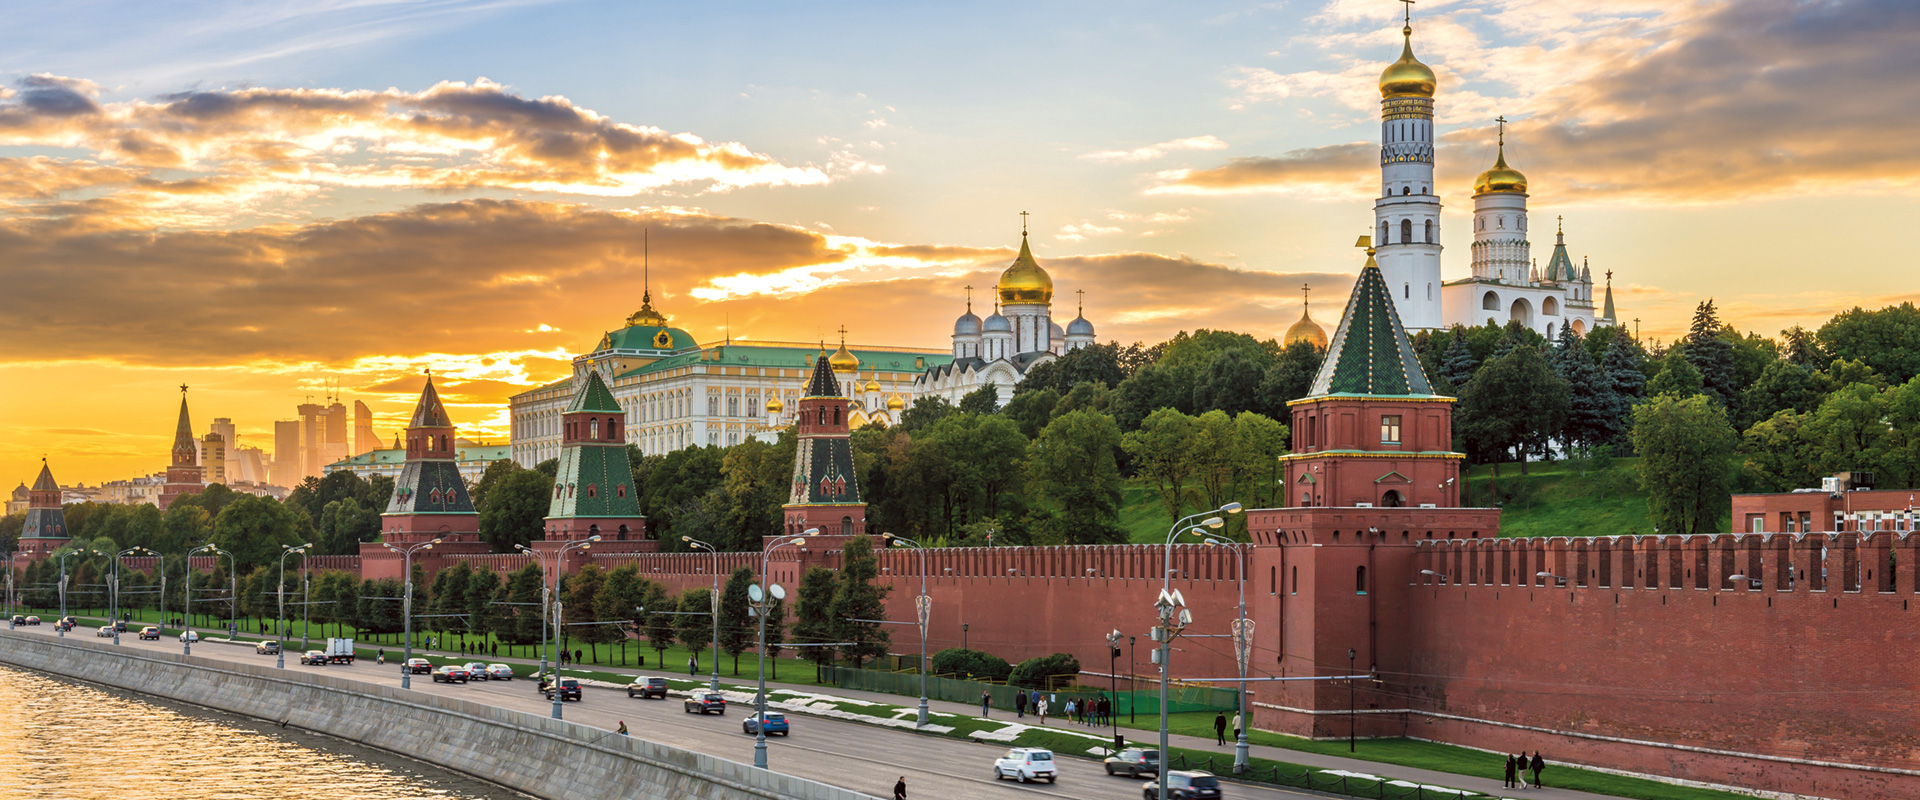 New buildings of St. Petersburg in 2019 26